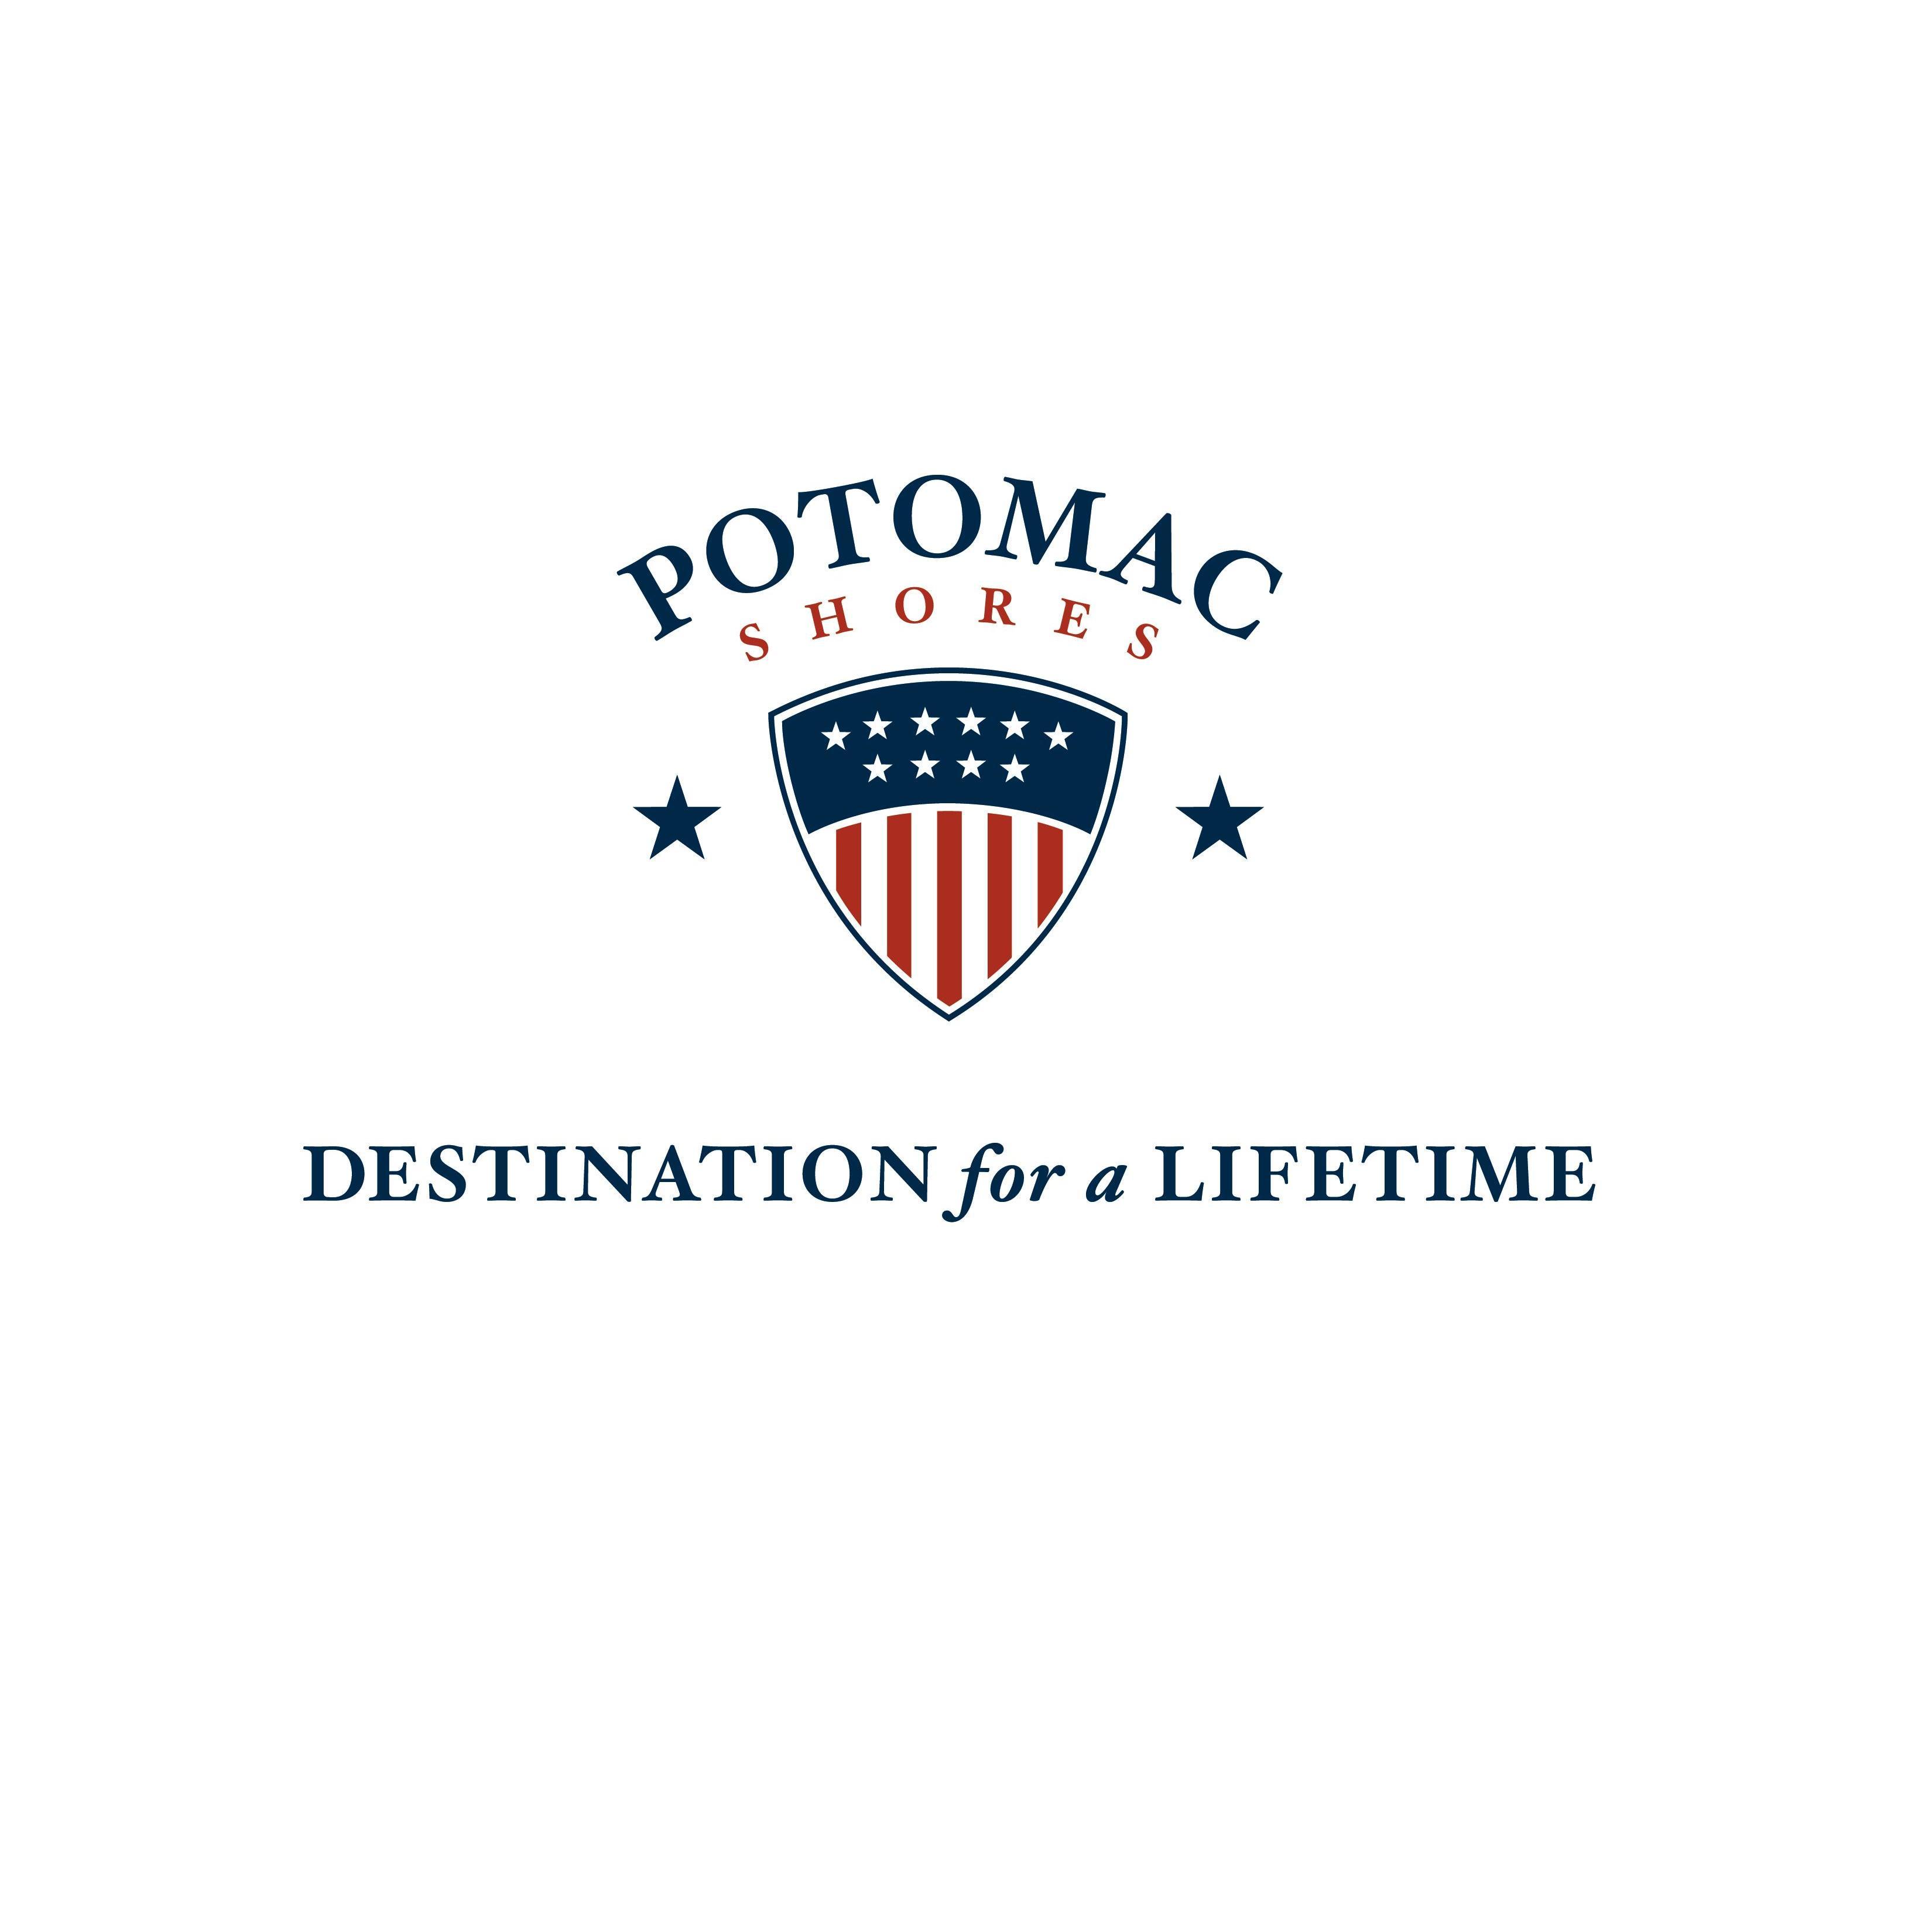 Potomac Shores Welcome Center image 0